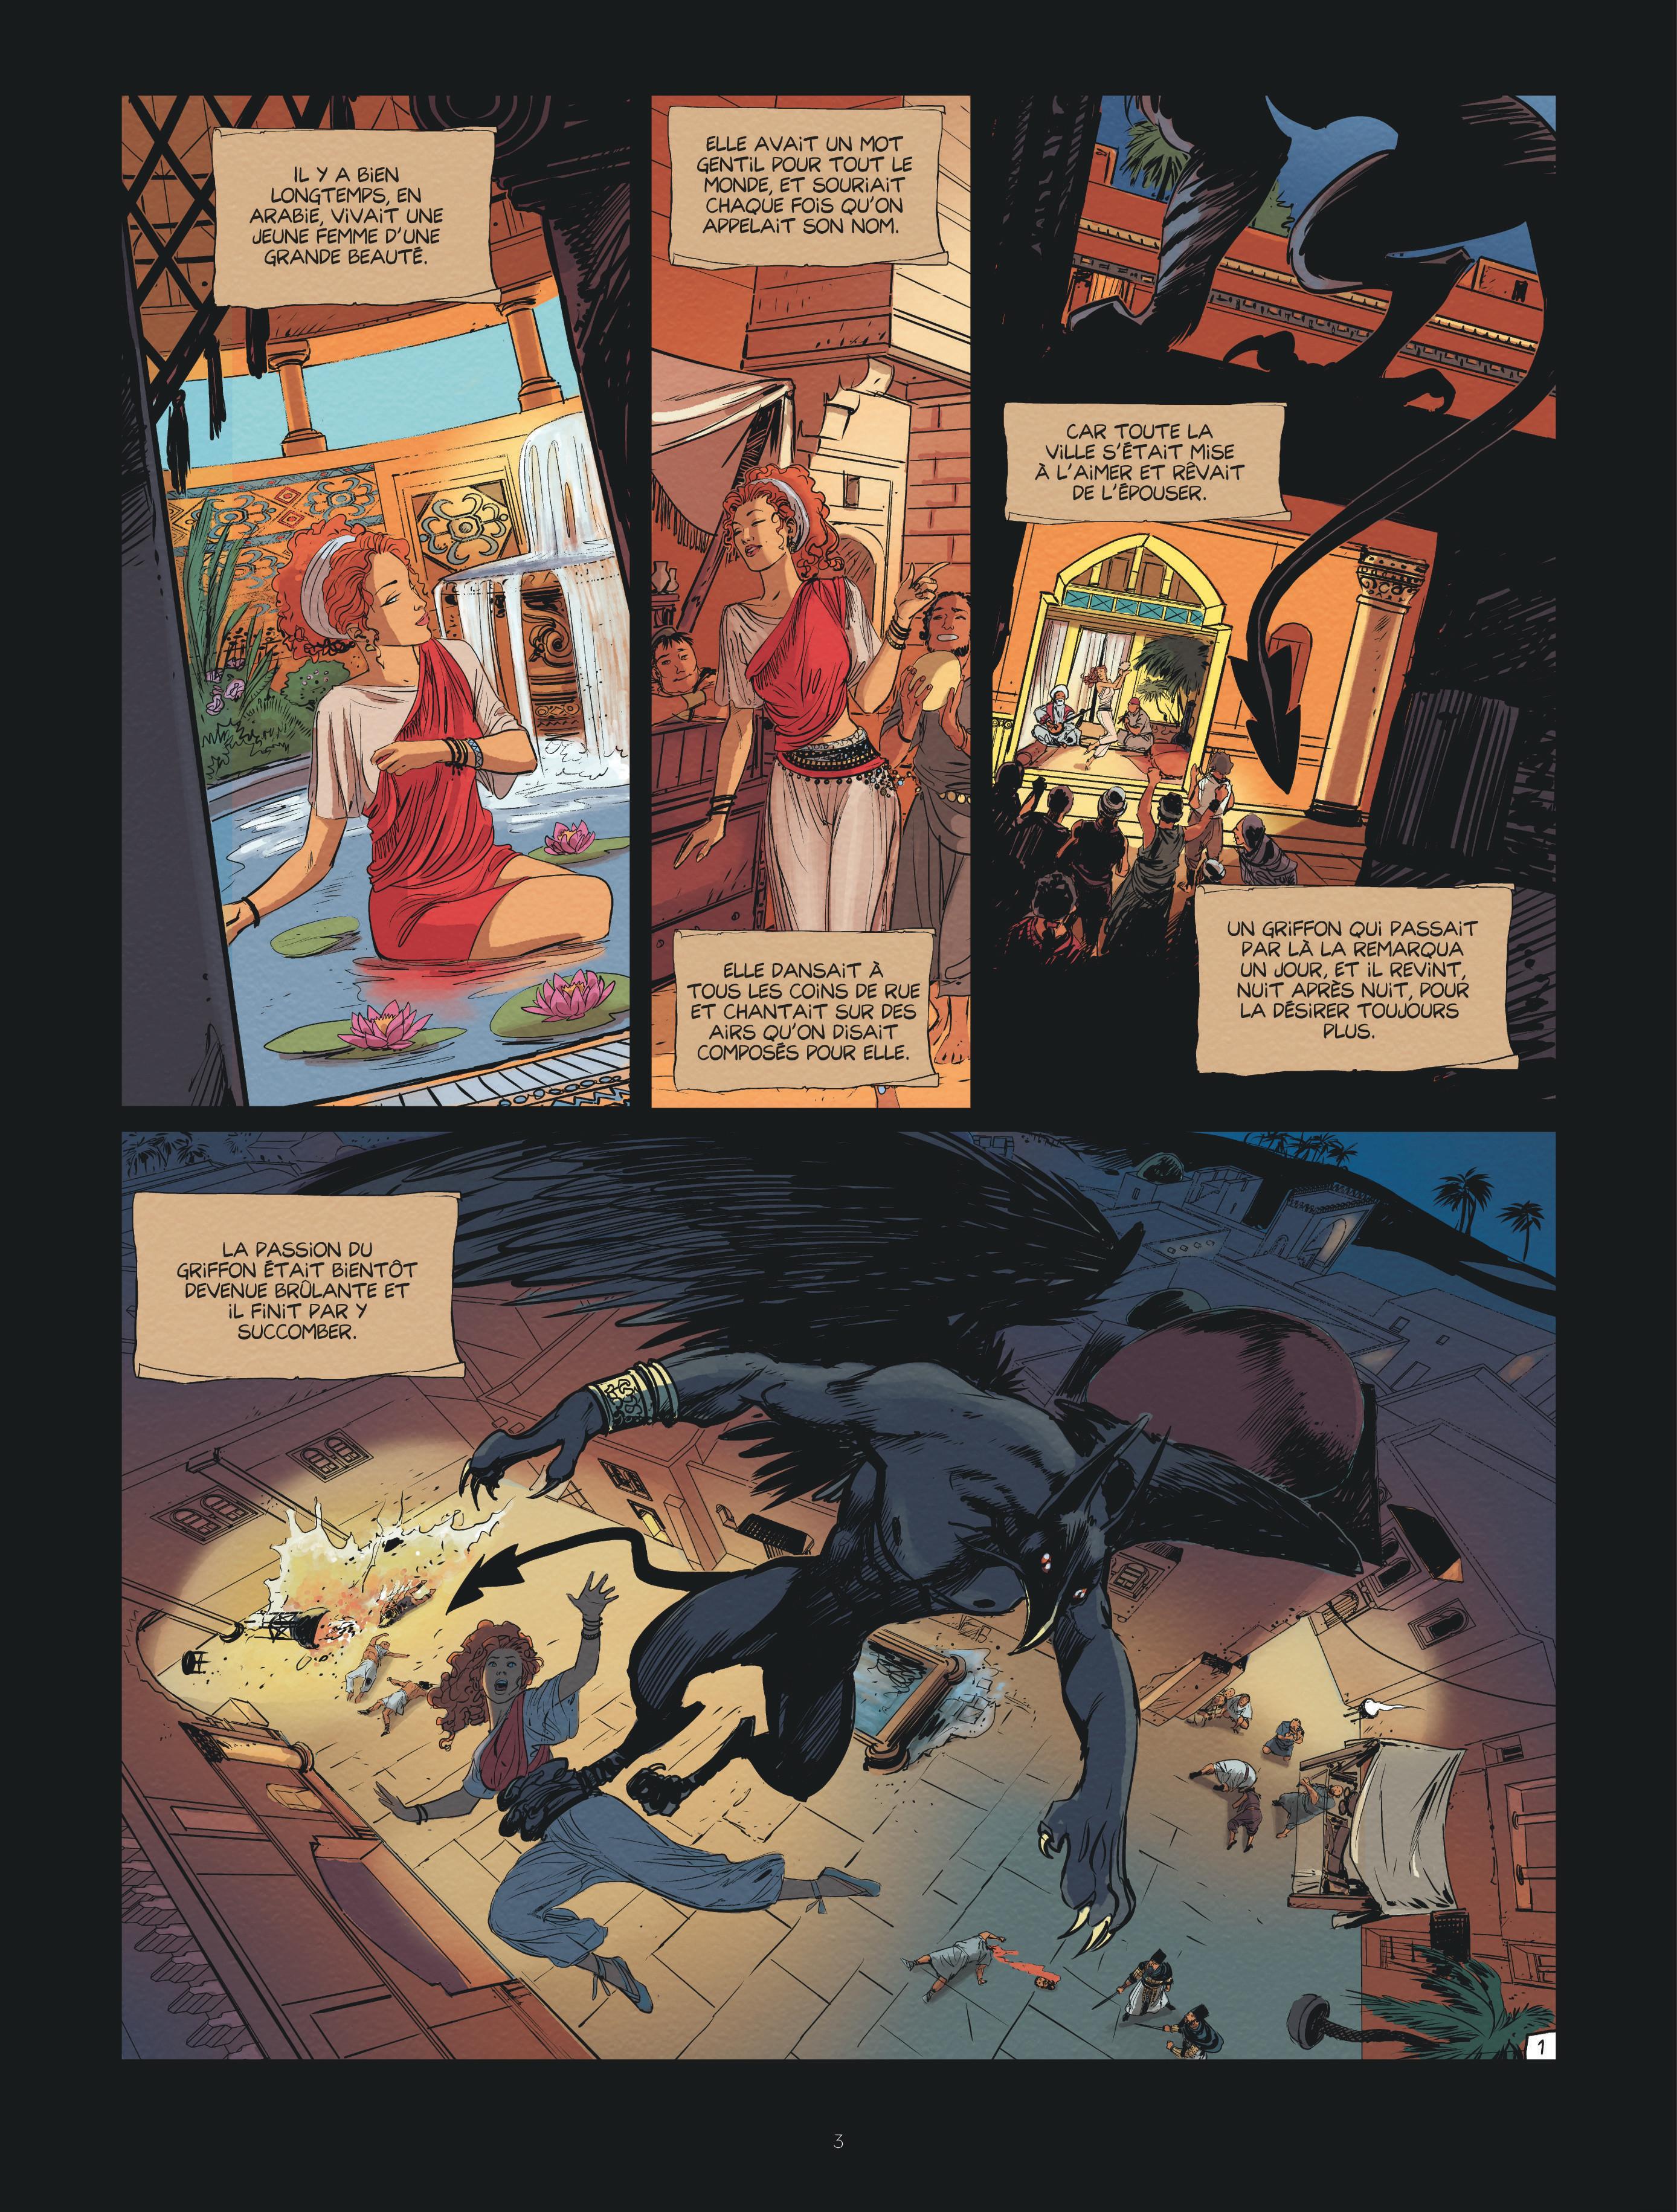 Mille_et_autres_nuits#1_Page 3